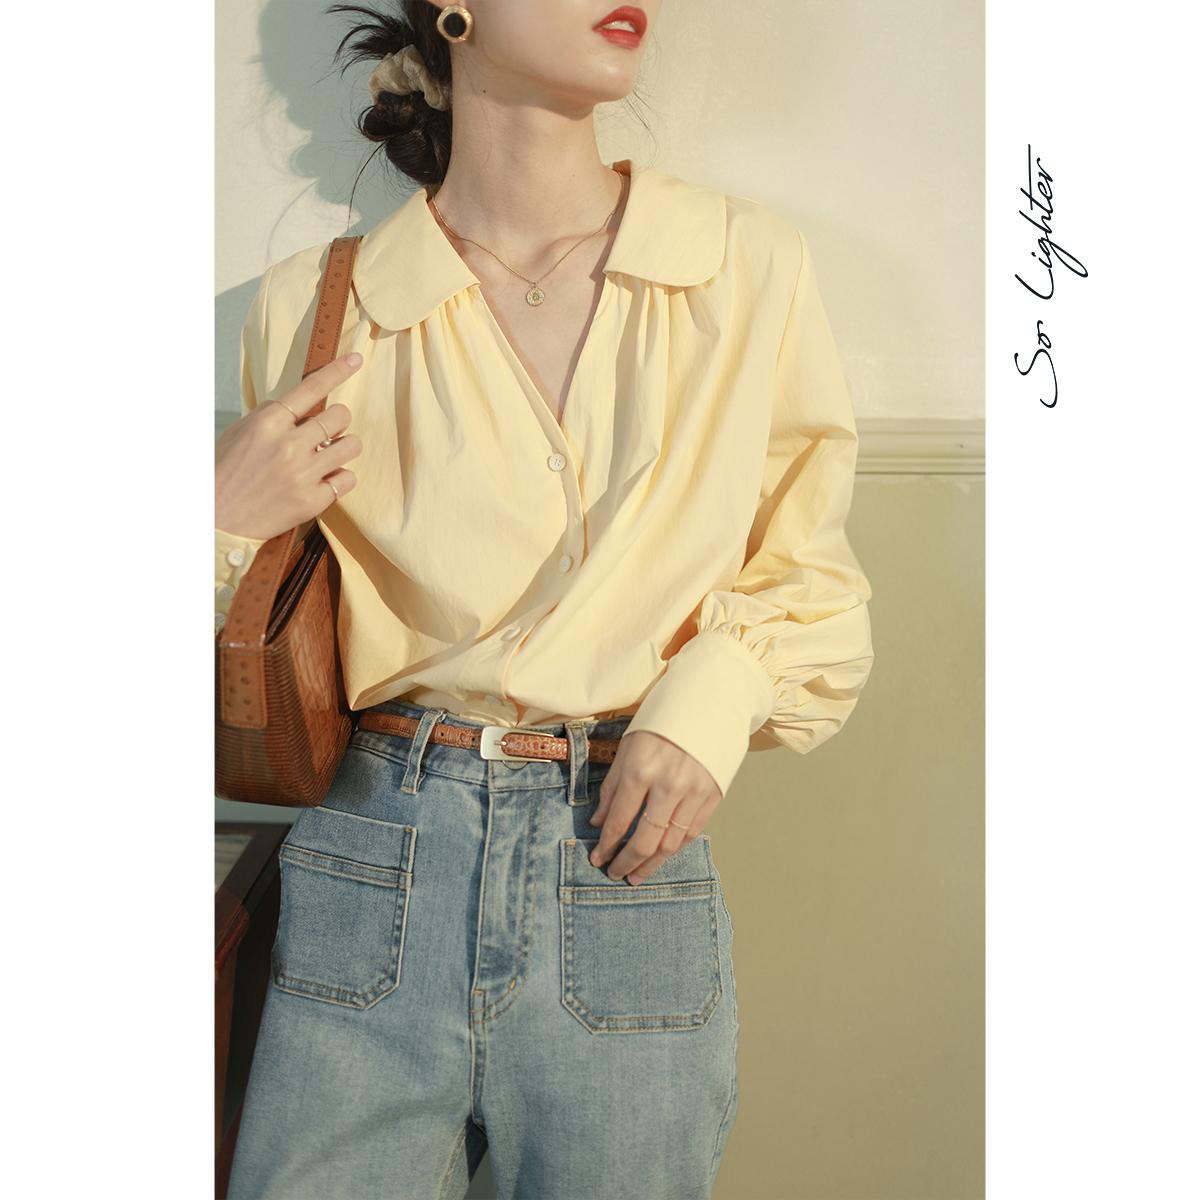 solighter 灯笼袖娃娃领衬衫女法式设计感小众复古气质露锁骨上衣